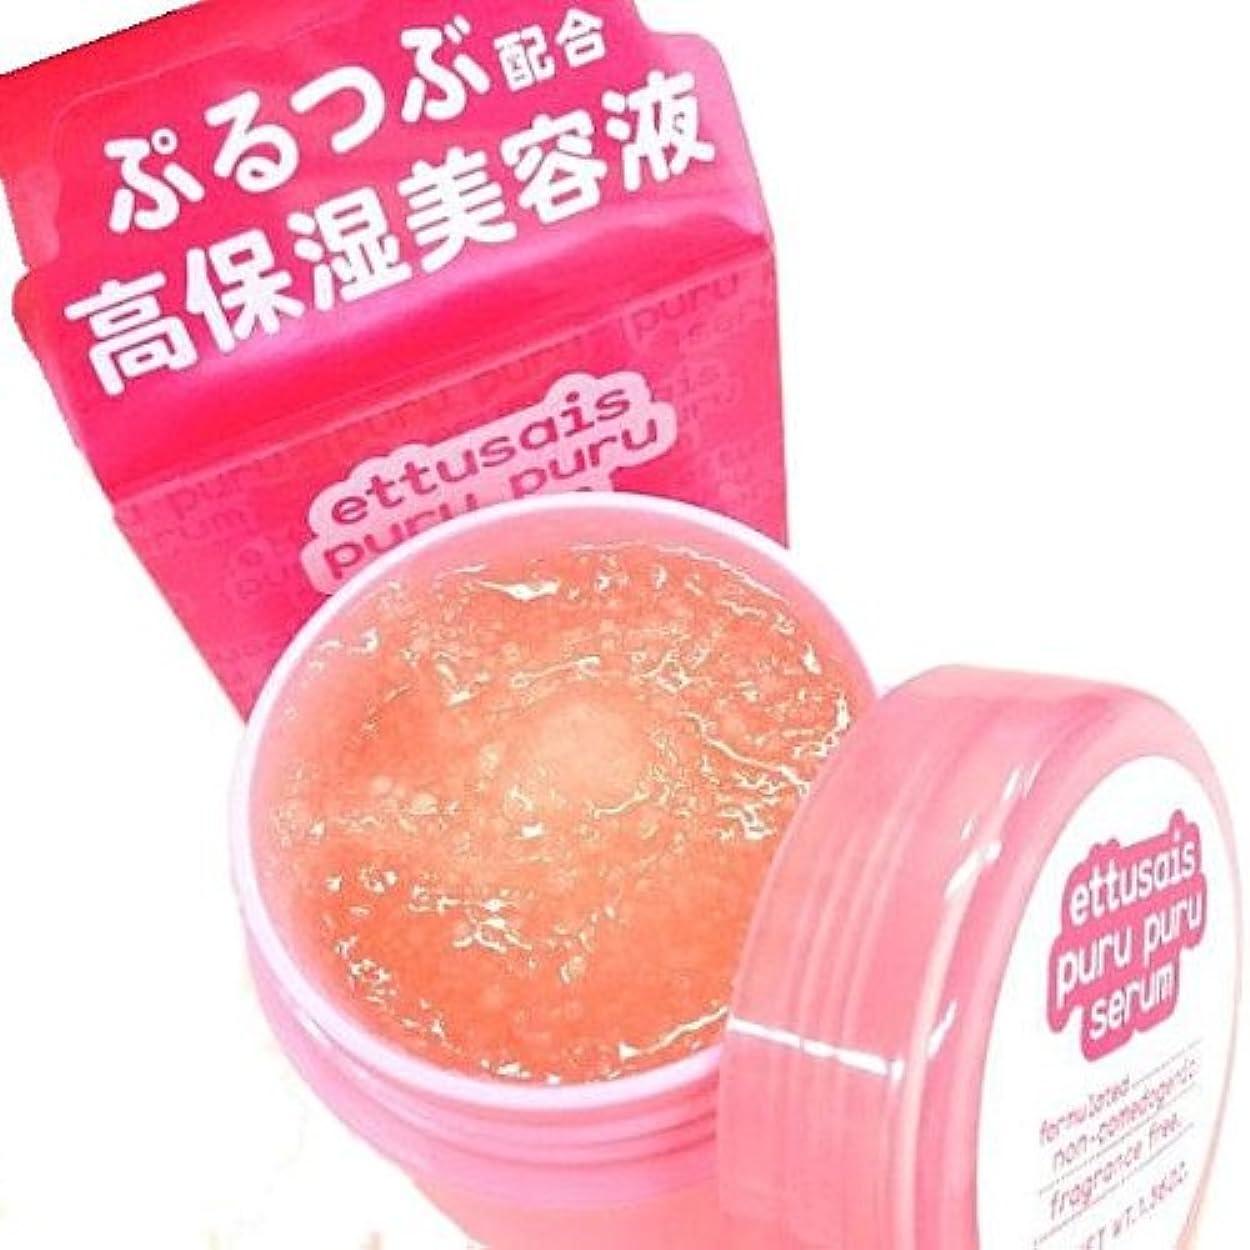 ありふれた用量リマエテュセ ぷるつぶセラム 47g(濃厚保湿美容液)